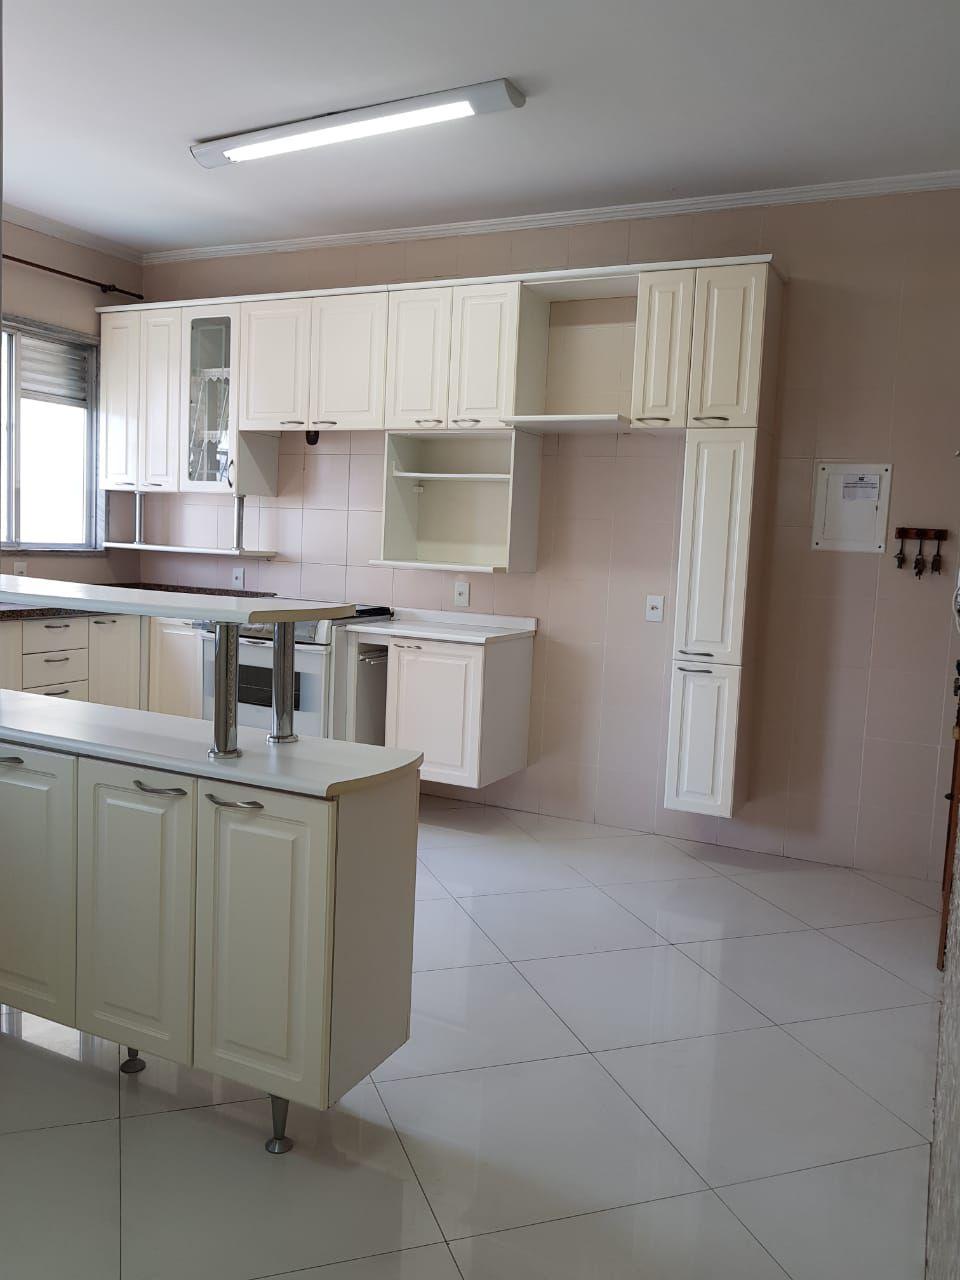 FOTO 5 - Apartamento à venda Rua da Divina Misericórdia,Vila Valqueire, Rio de Janeiro - R$ 790.000 - RF128 - 6